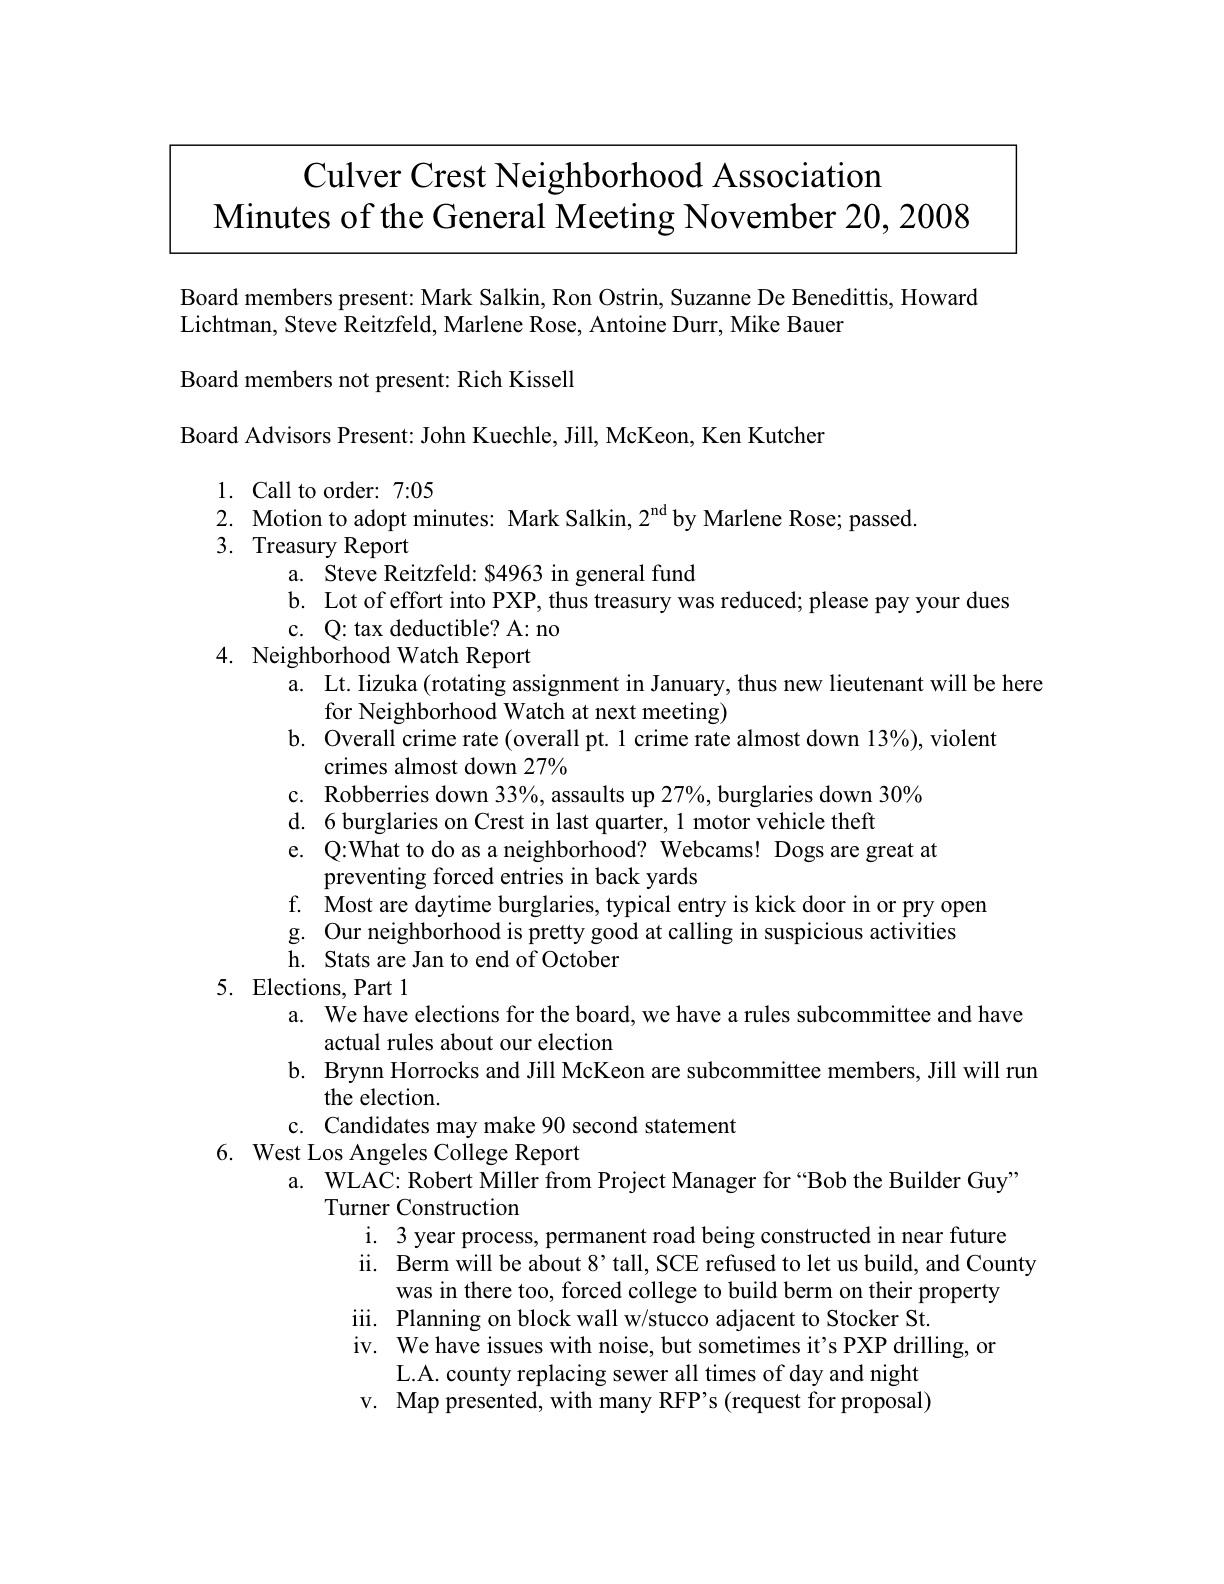 minutes-general-mtg-2008-11-20